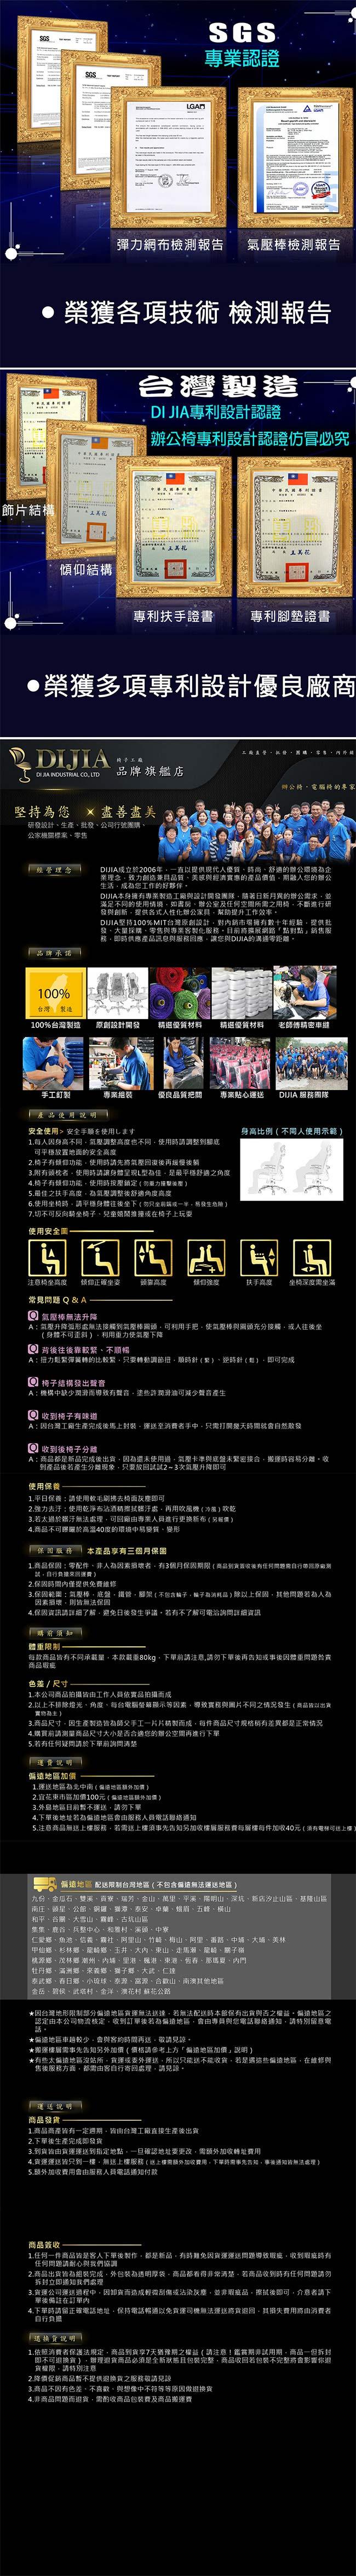 【DIJIA】 創意舒壓收納辦公椅/電腦椅(五色任選)(粉)-商品簡介圖10